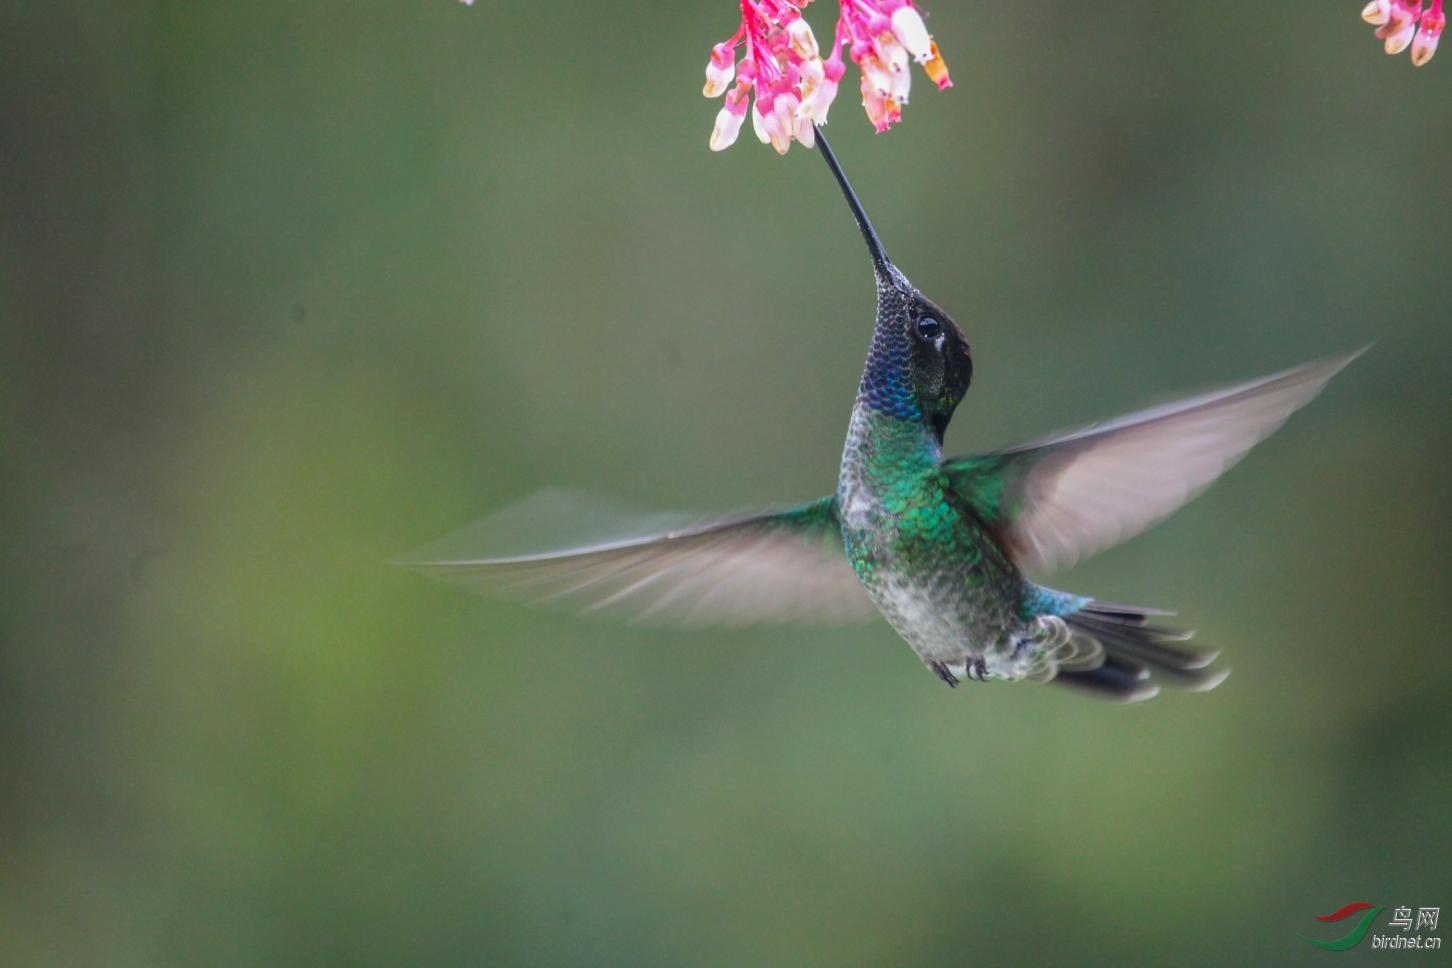 16天哥斯达黎加拍鸟团_页面_35_图像_0001.jpg